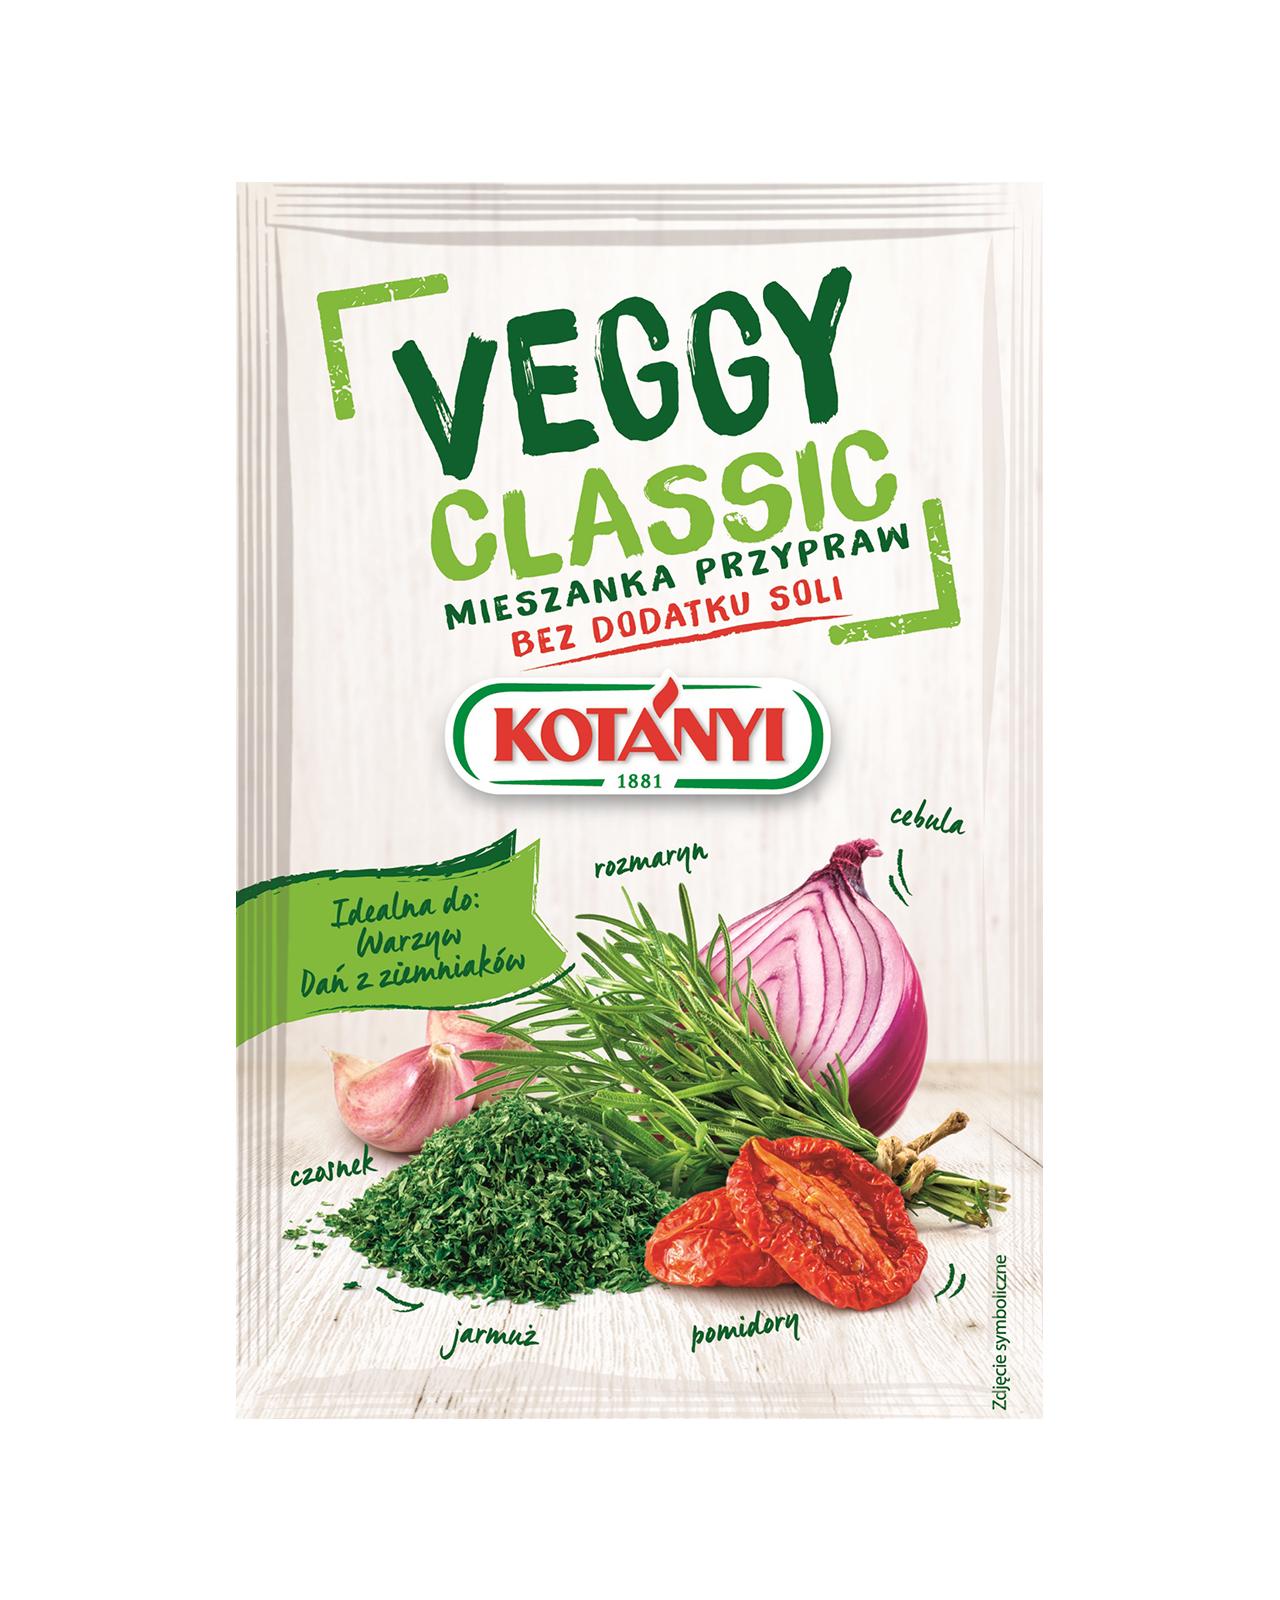 355504 Kotanyi Veggy Classic Mieszanka Przypraw B2c Pouch